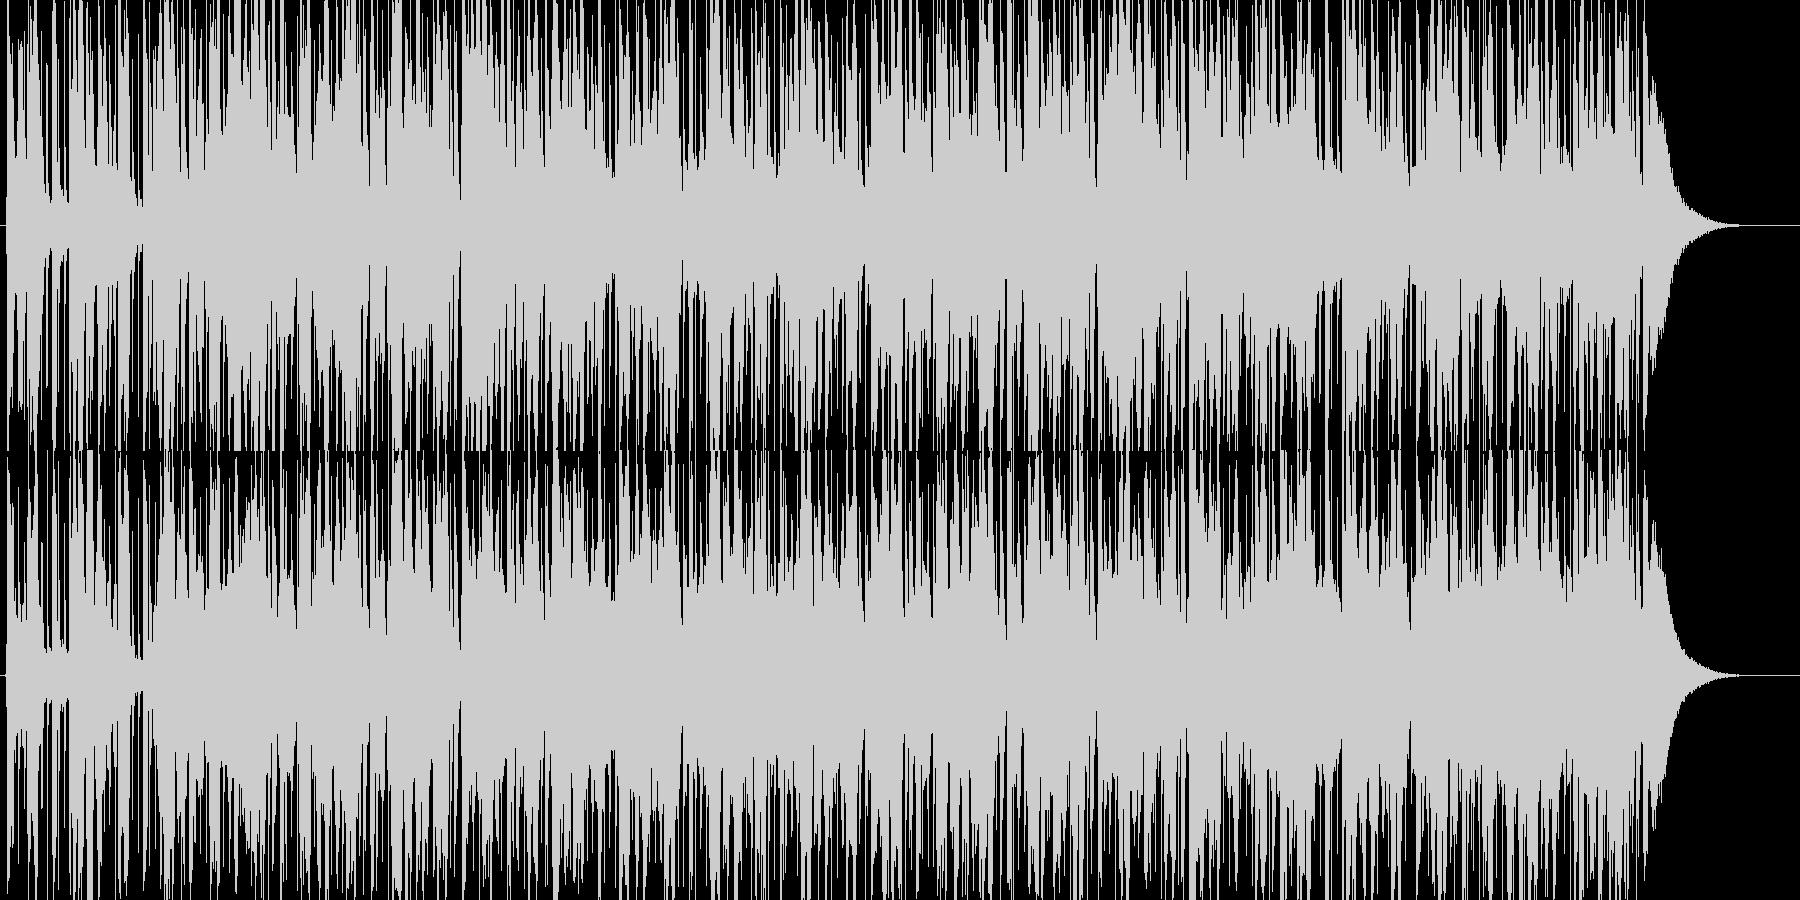 異国情緒溢れるほのぼのBGMの未再生の波形